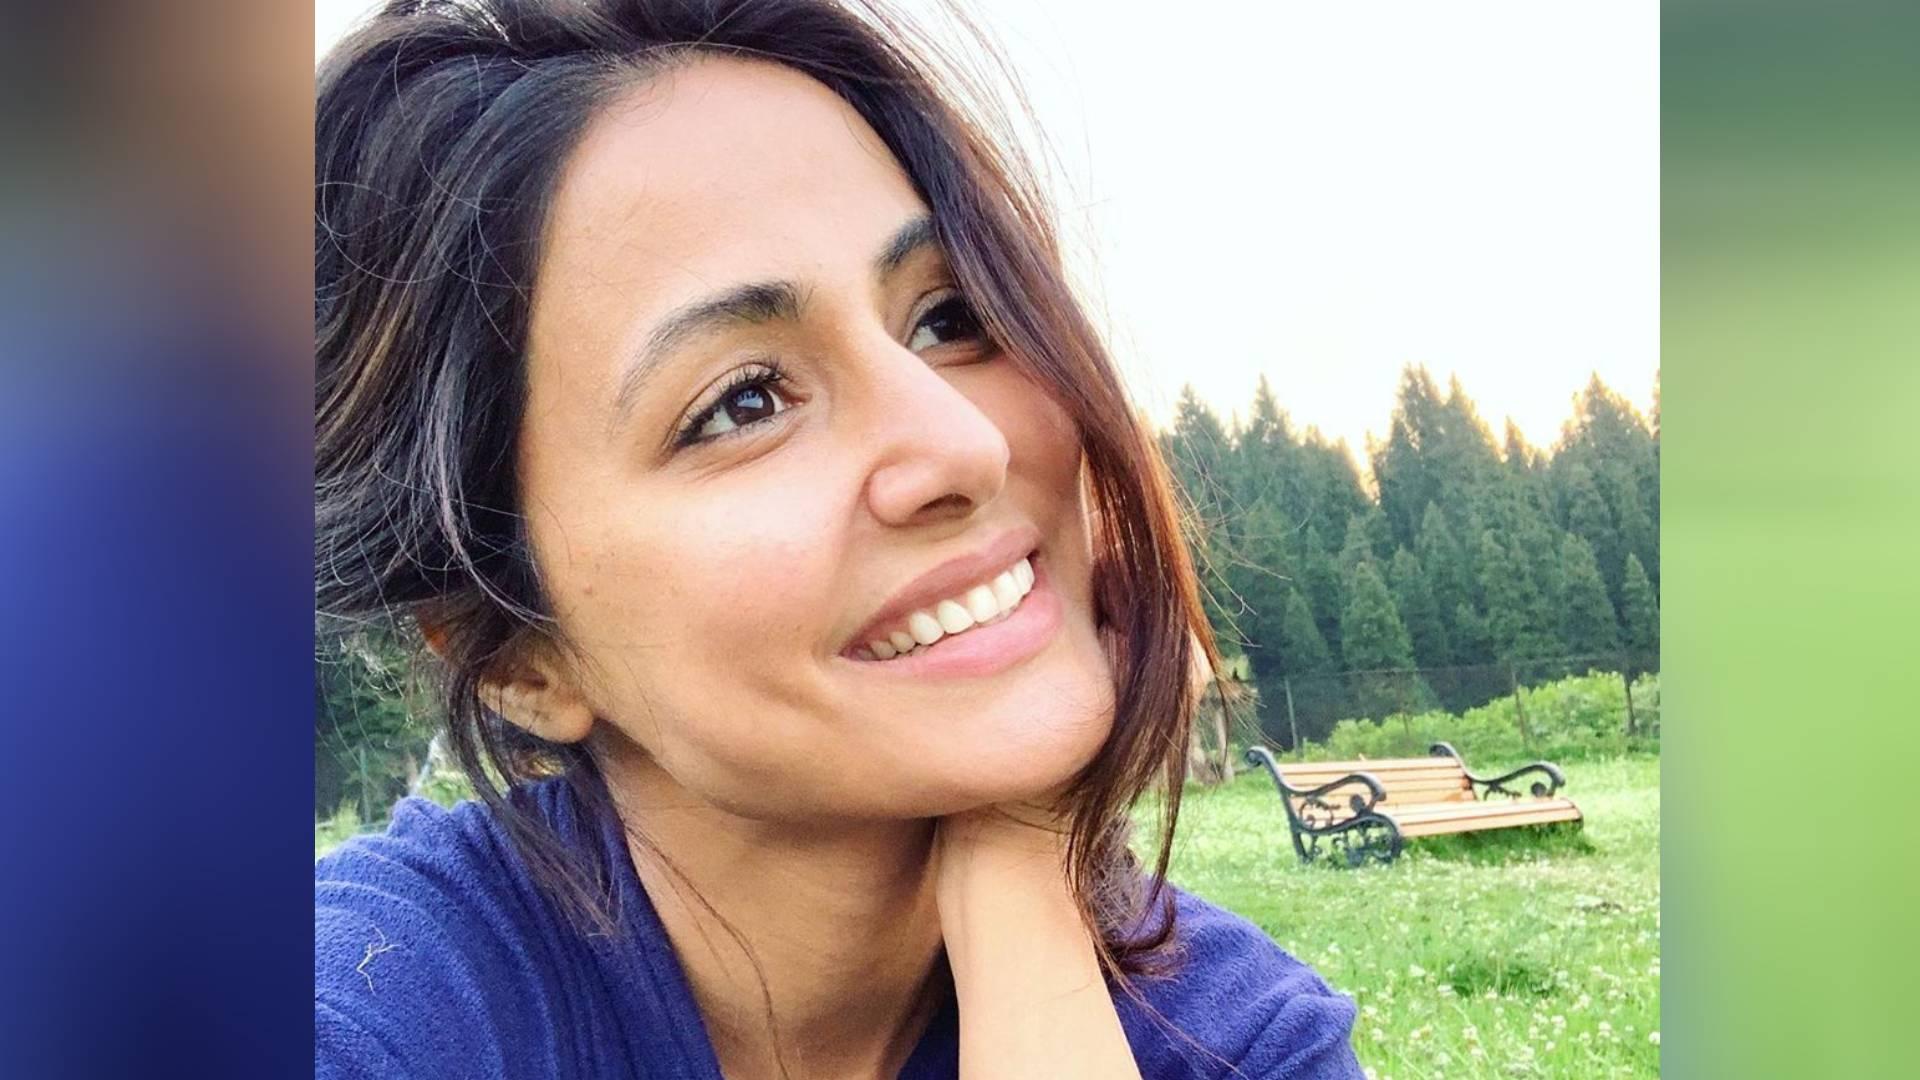 Trending News: हिना खान उठा रही हैं शूटिंग के बीच ताजी हवा का मजा, विवेक दहिया हुए अस्पताल से डिस्चार्ज